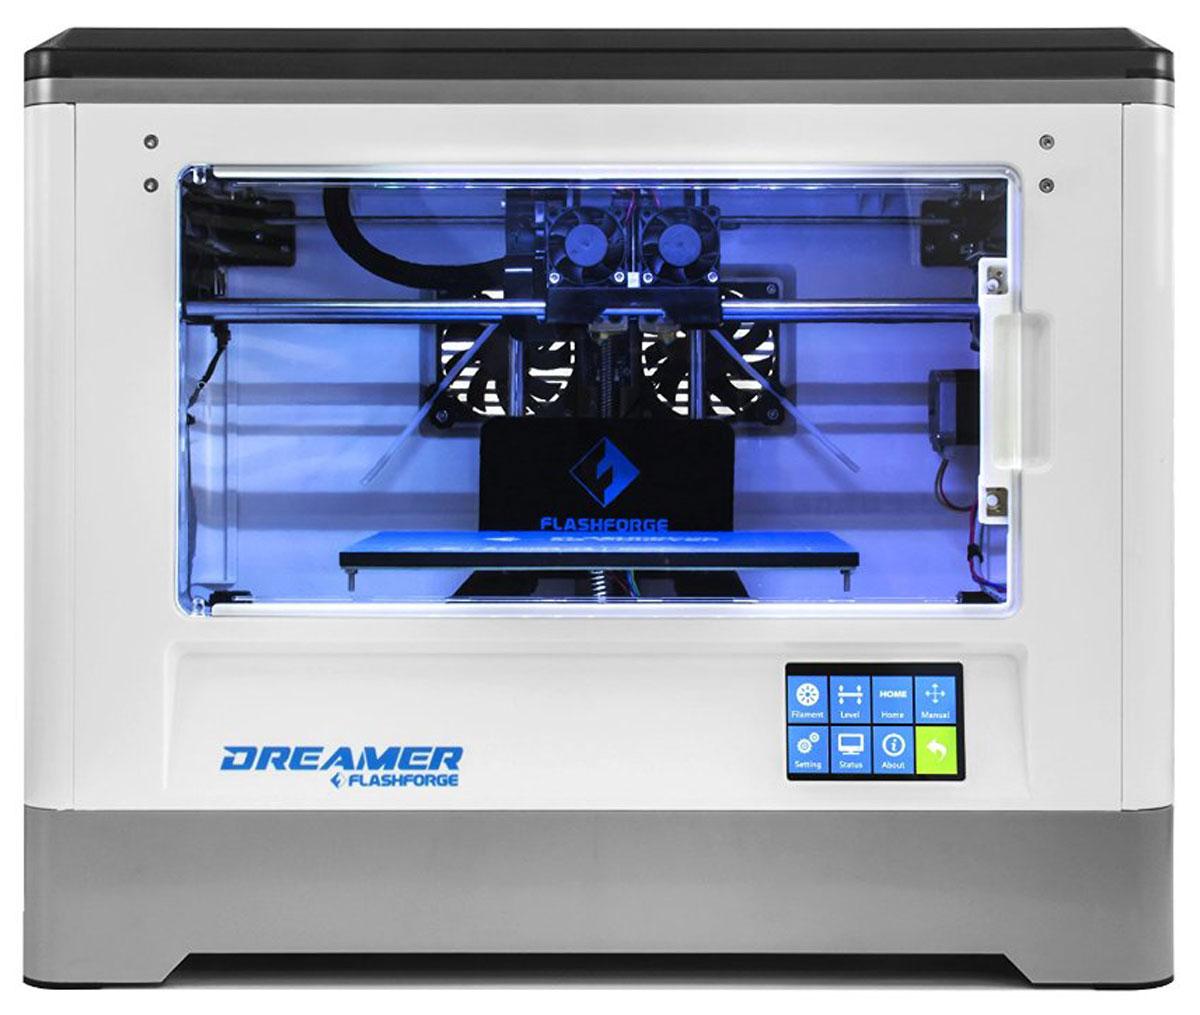 FlashForge Dreamer 3D принтерFlashForge Dreamer3D принтер Flashforge Dreamer - универсальный принтер, как для дома, так и для образования. Полностью закрытий корпус защищает все движущиеся и нагревающиеся элементы, что делает данный принтер полностью безопасным в использовании. Кроме этого, это позволяет сохранять стабильную постоянную температуру внутри принтера, что позволяет работать любыми видами пластиками. Принтер оснащен двух головочным экструдером, что увеличивает ваши возможности при печати, подогреваемой платформой, 3,5 дюймовым LCD дисплеем. Также расширен интерфейс подключения, помимо стандартных USB кабеля и SD карты, принтер может работать посредствам WiFi соединения. Простой и понятный пользовательский интерфейс программного обеспечения, поможет вам успешно нарезать .STL файлы с первого раза использования и печатать их. Данный принтер имеет сертификаты безопасности в Европе и Соединенных Штатах. ARM Contex-M4 процессор CPU Область построения: 230 x 150 x 150 мм ...